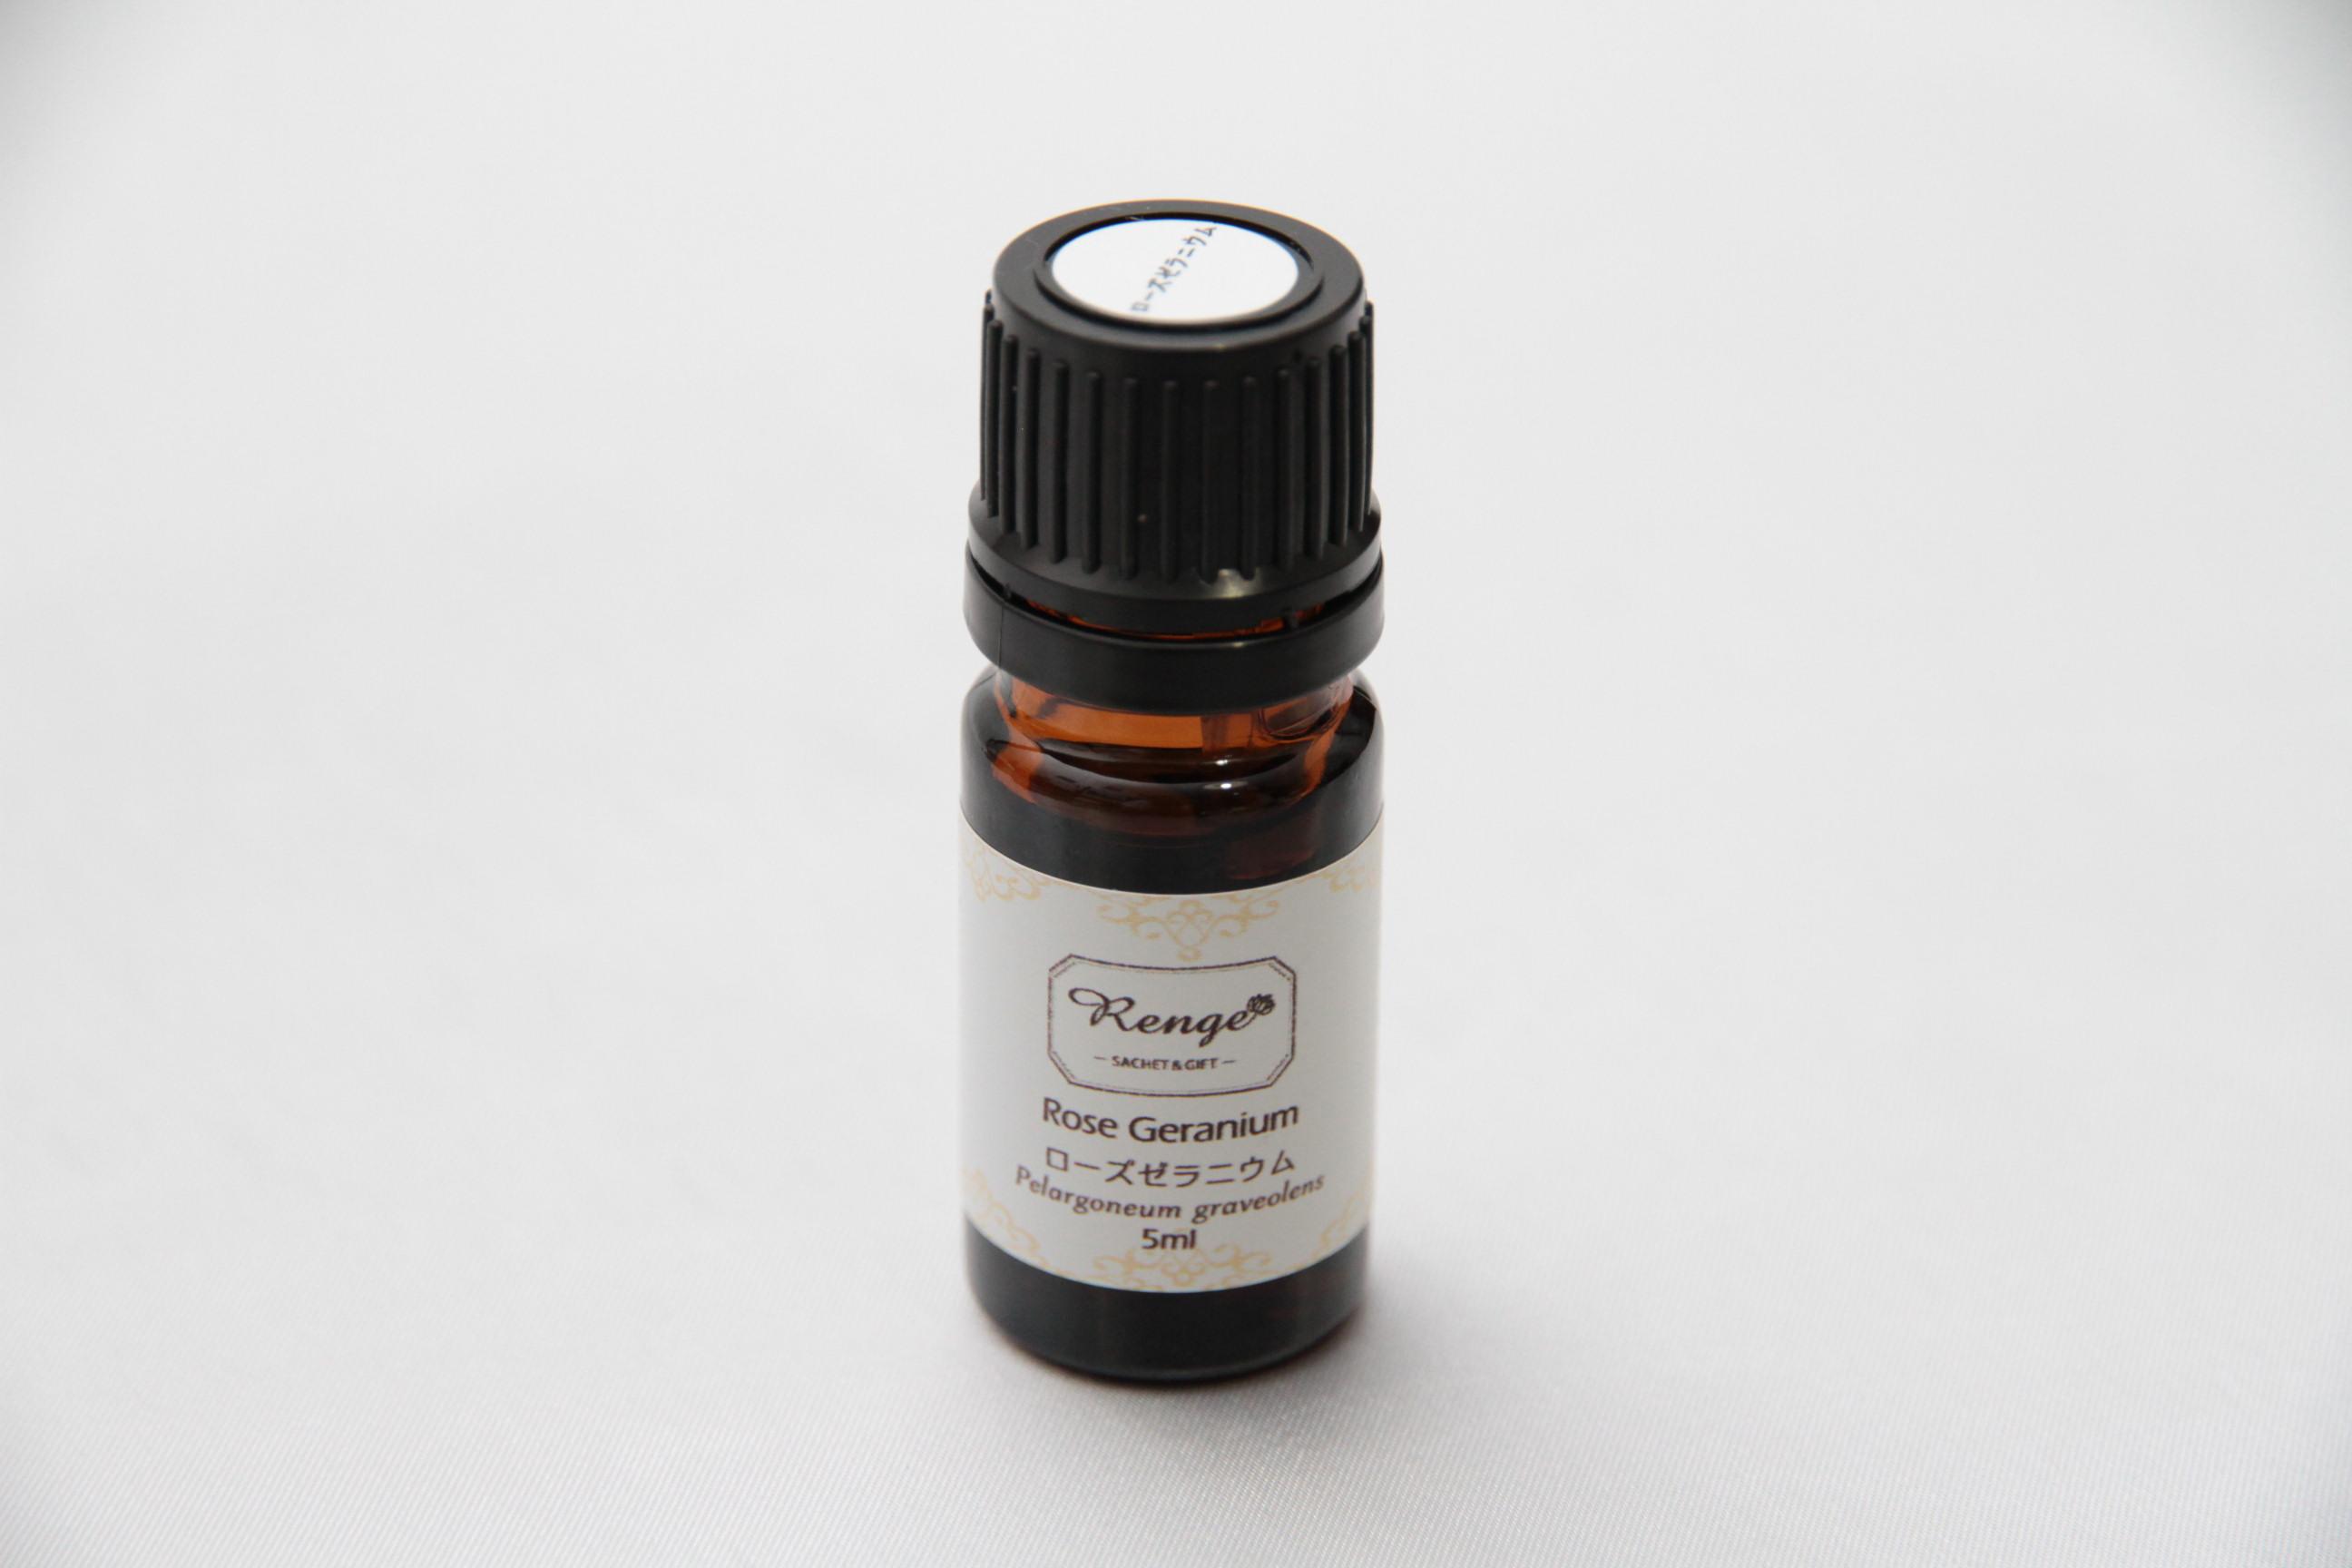 ローズゼラニウム 100%ピュアエッセンシャルオイル 5ml  バラのような優雅な香り!